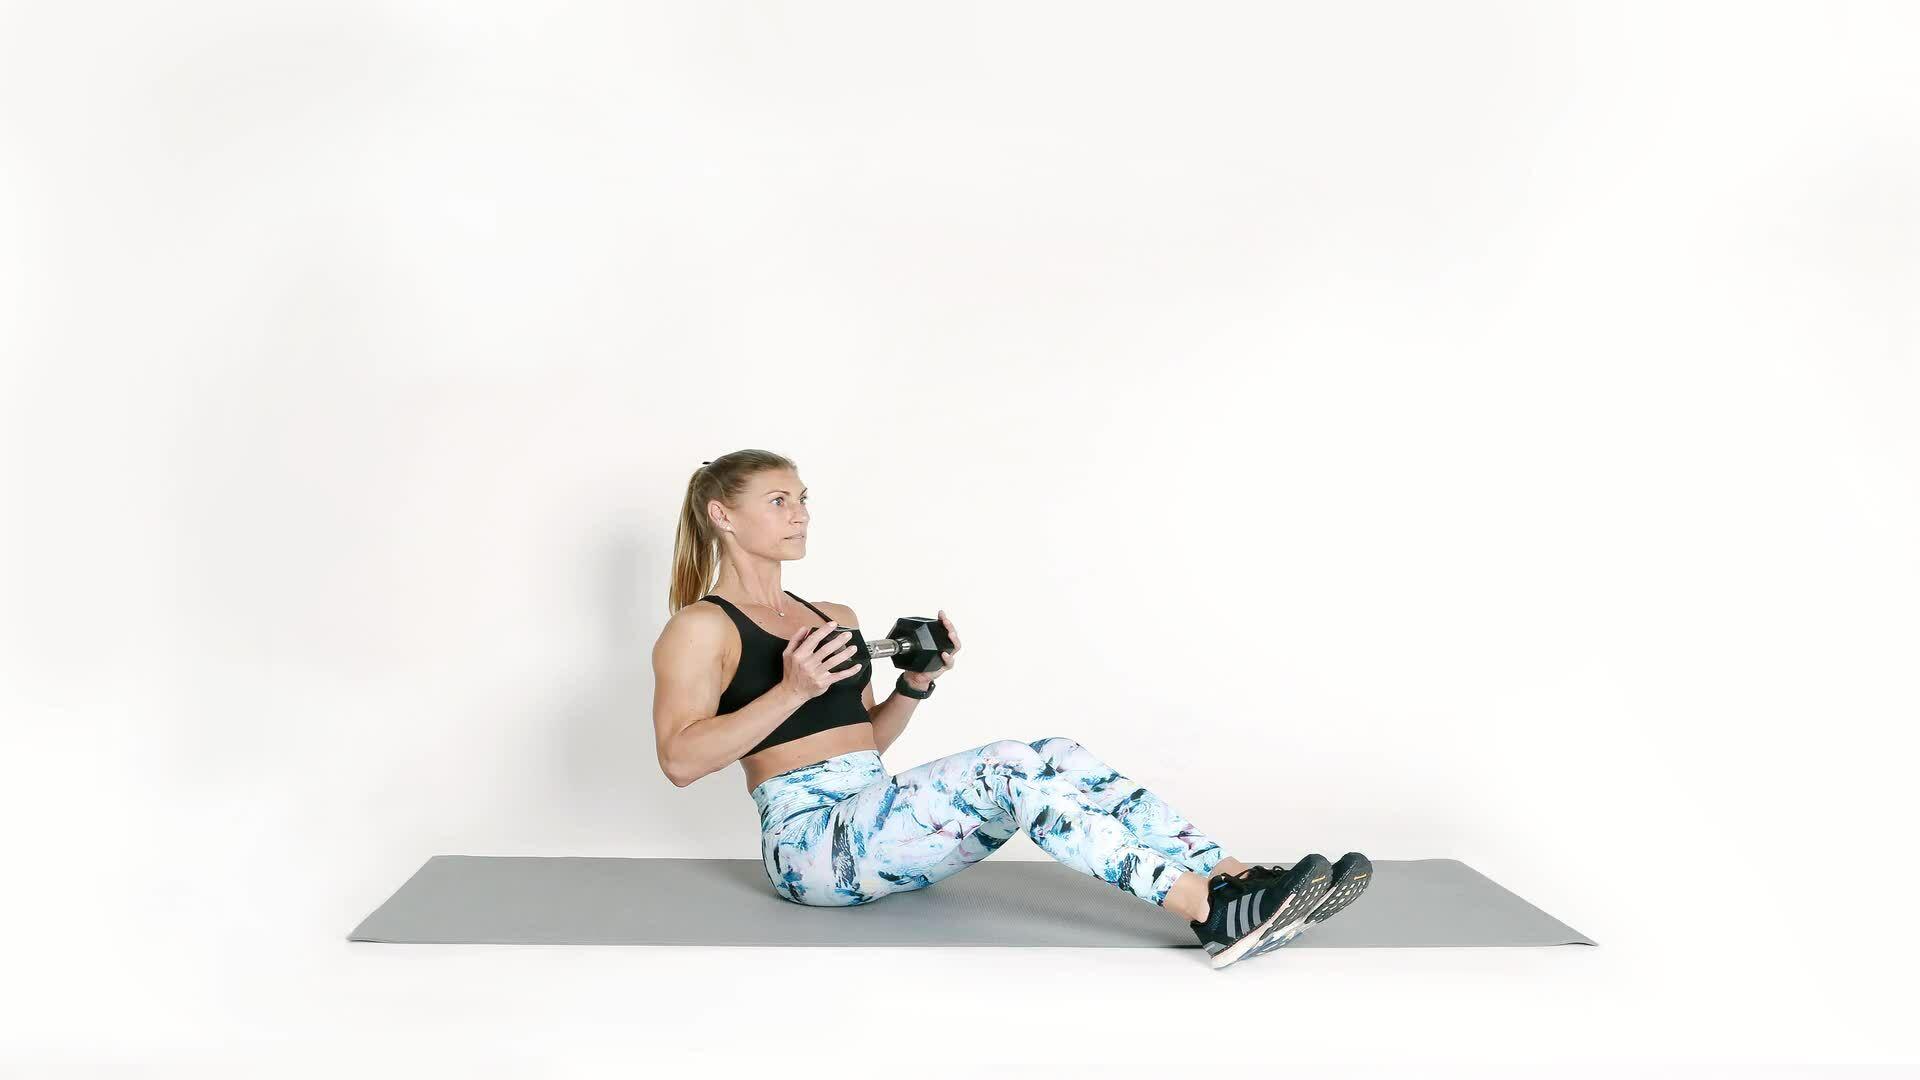 Bài tập rèn thể lực, tăng sức bền cho runner